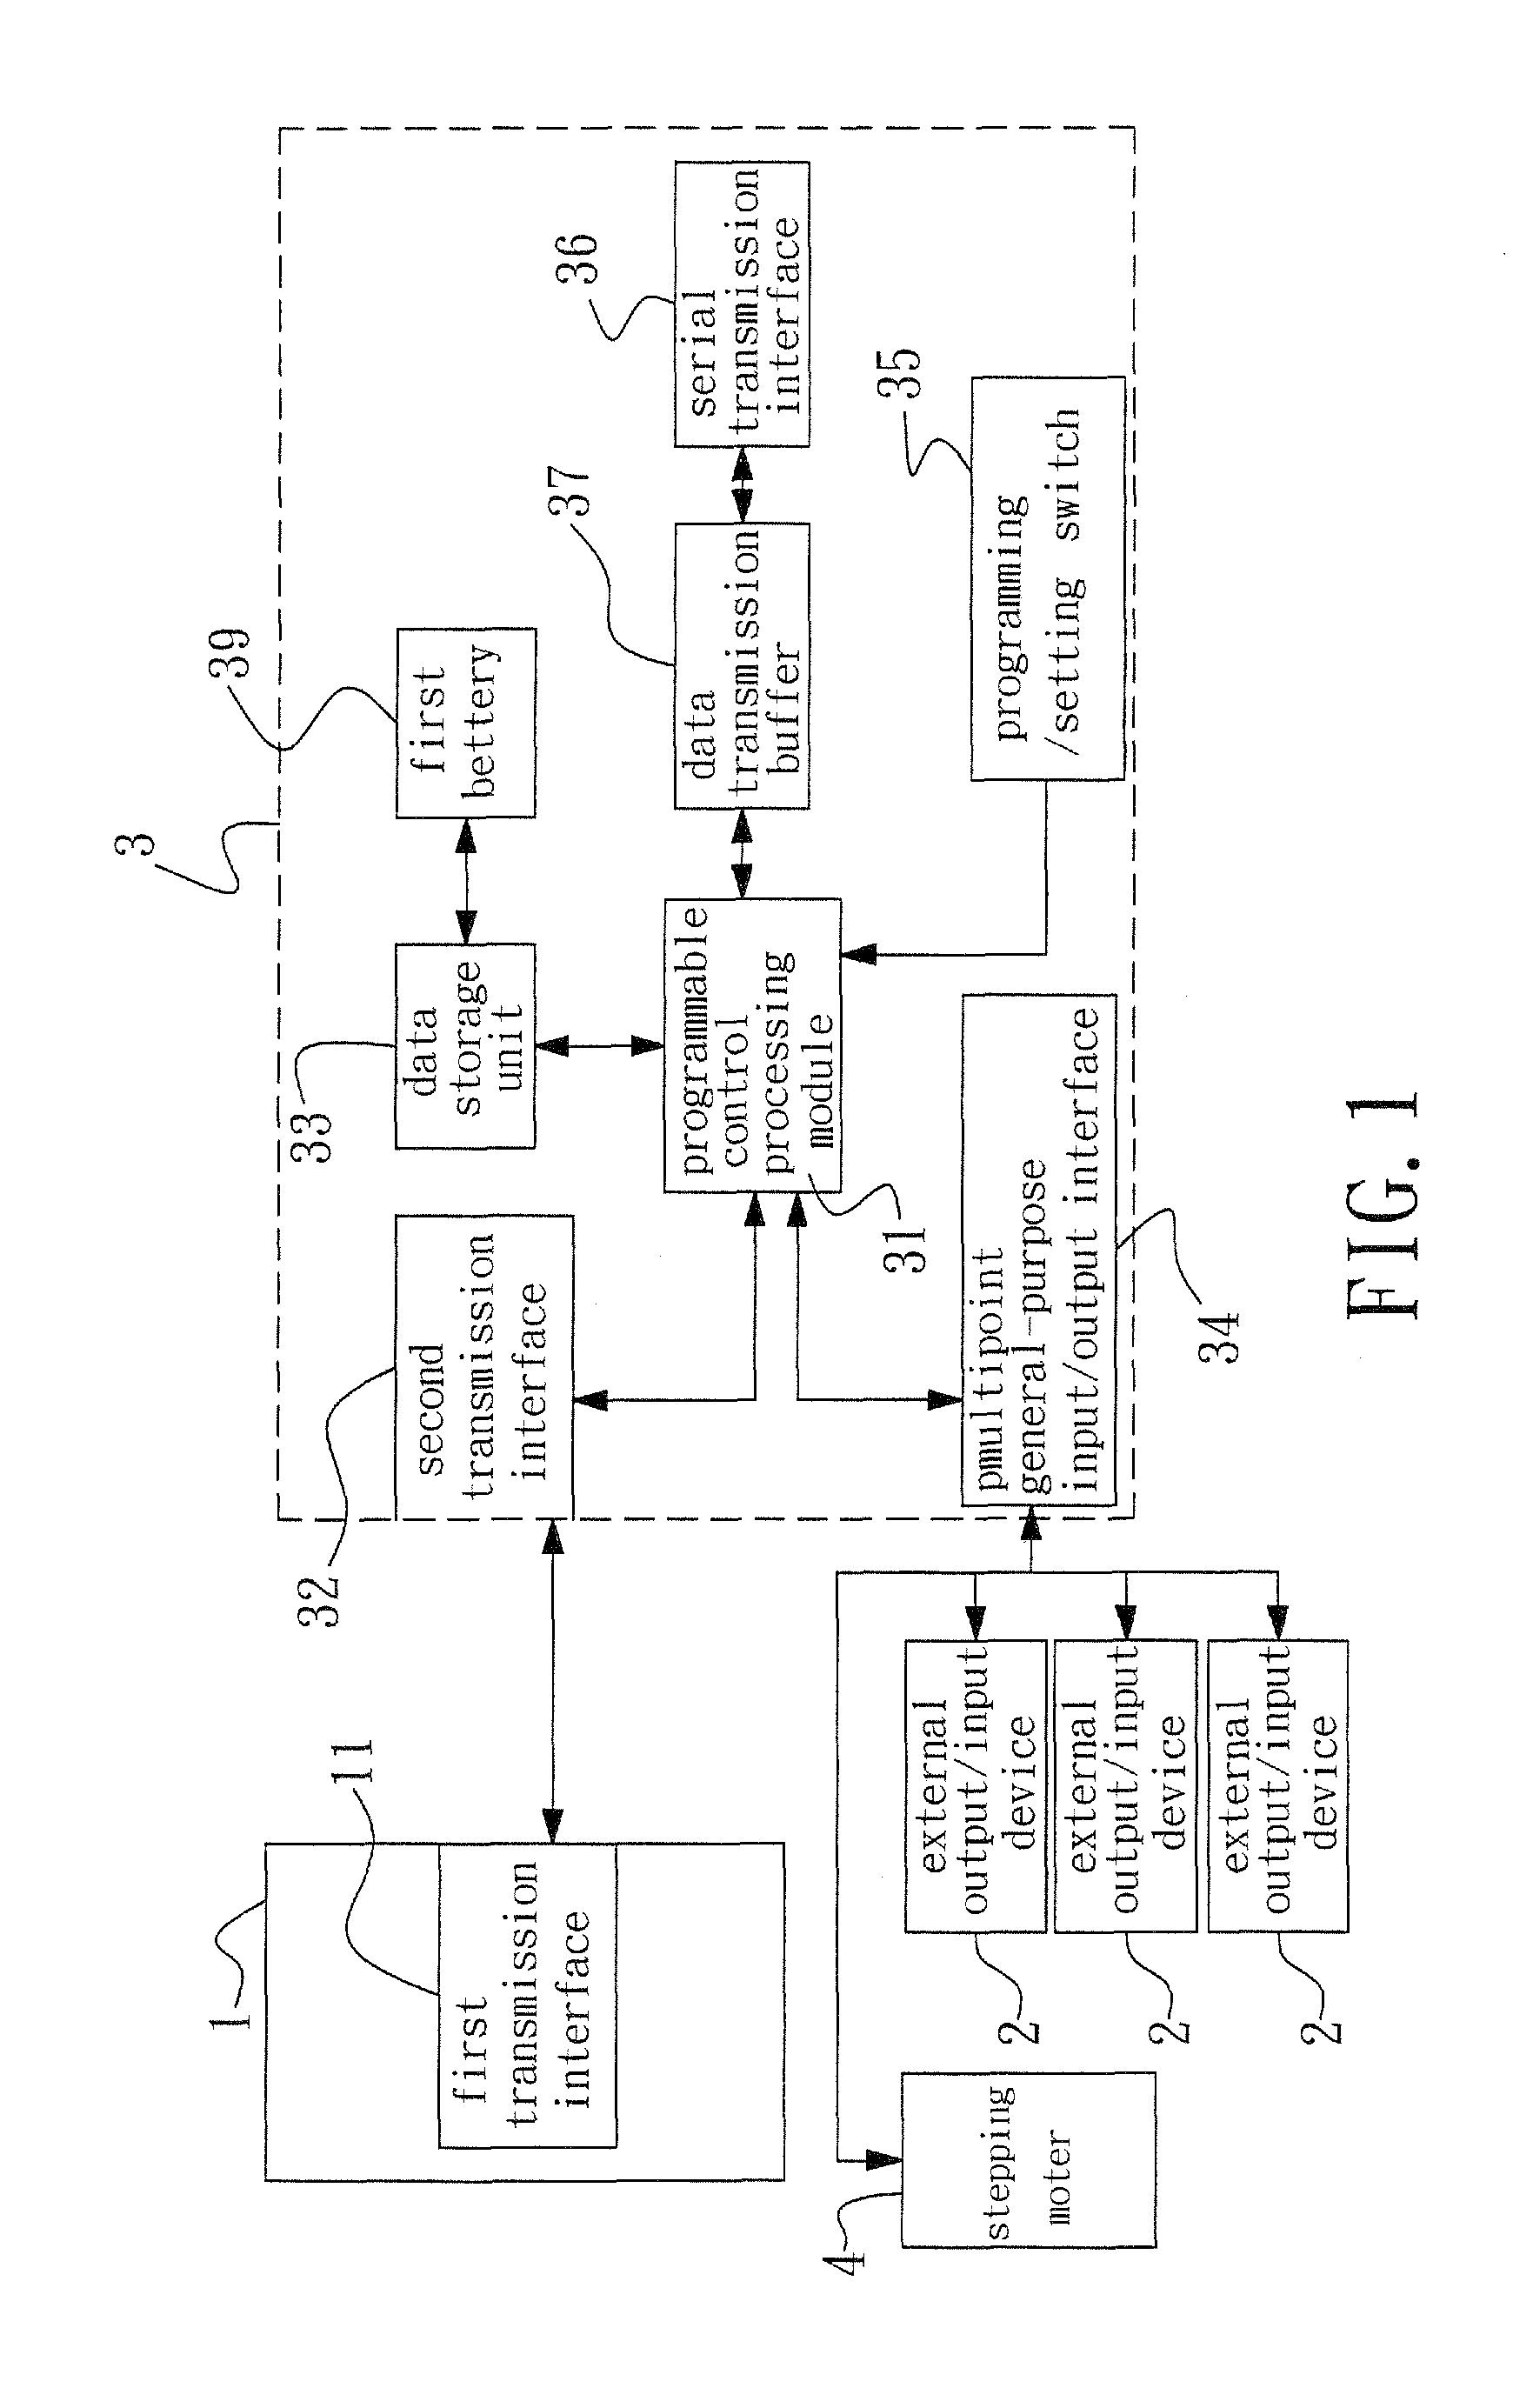 patent us20100293391